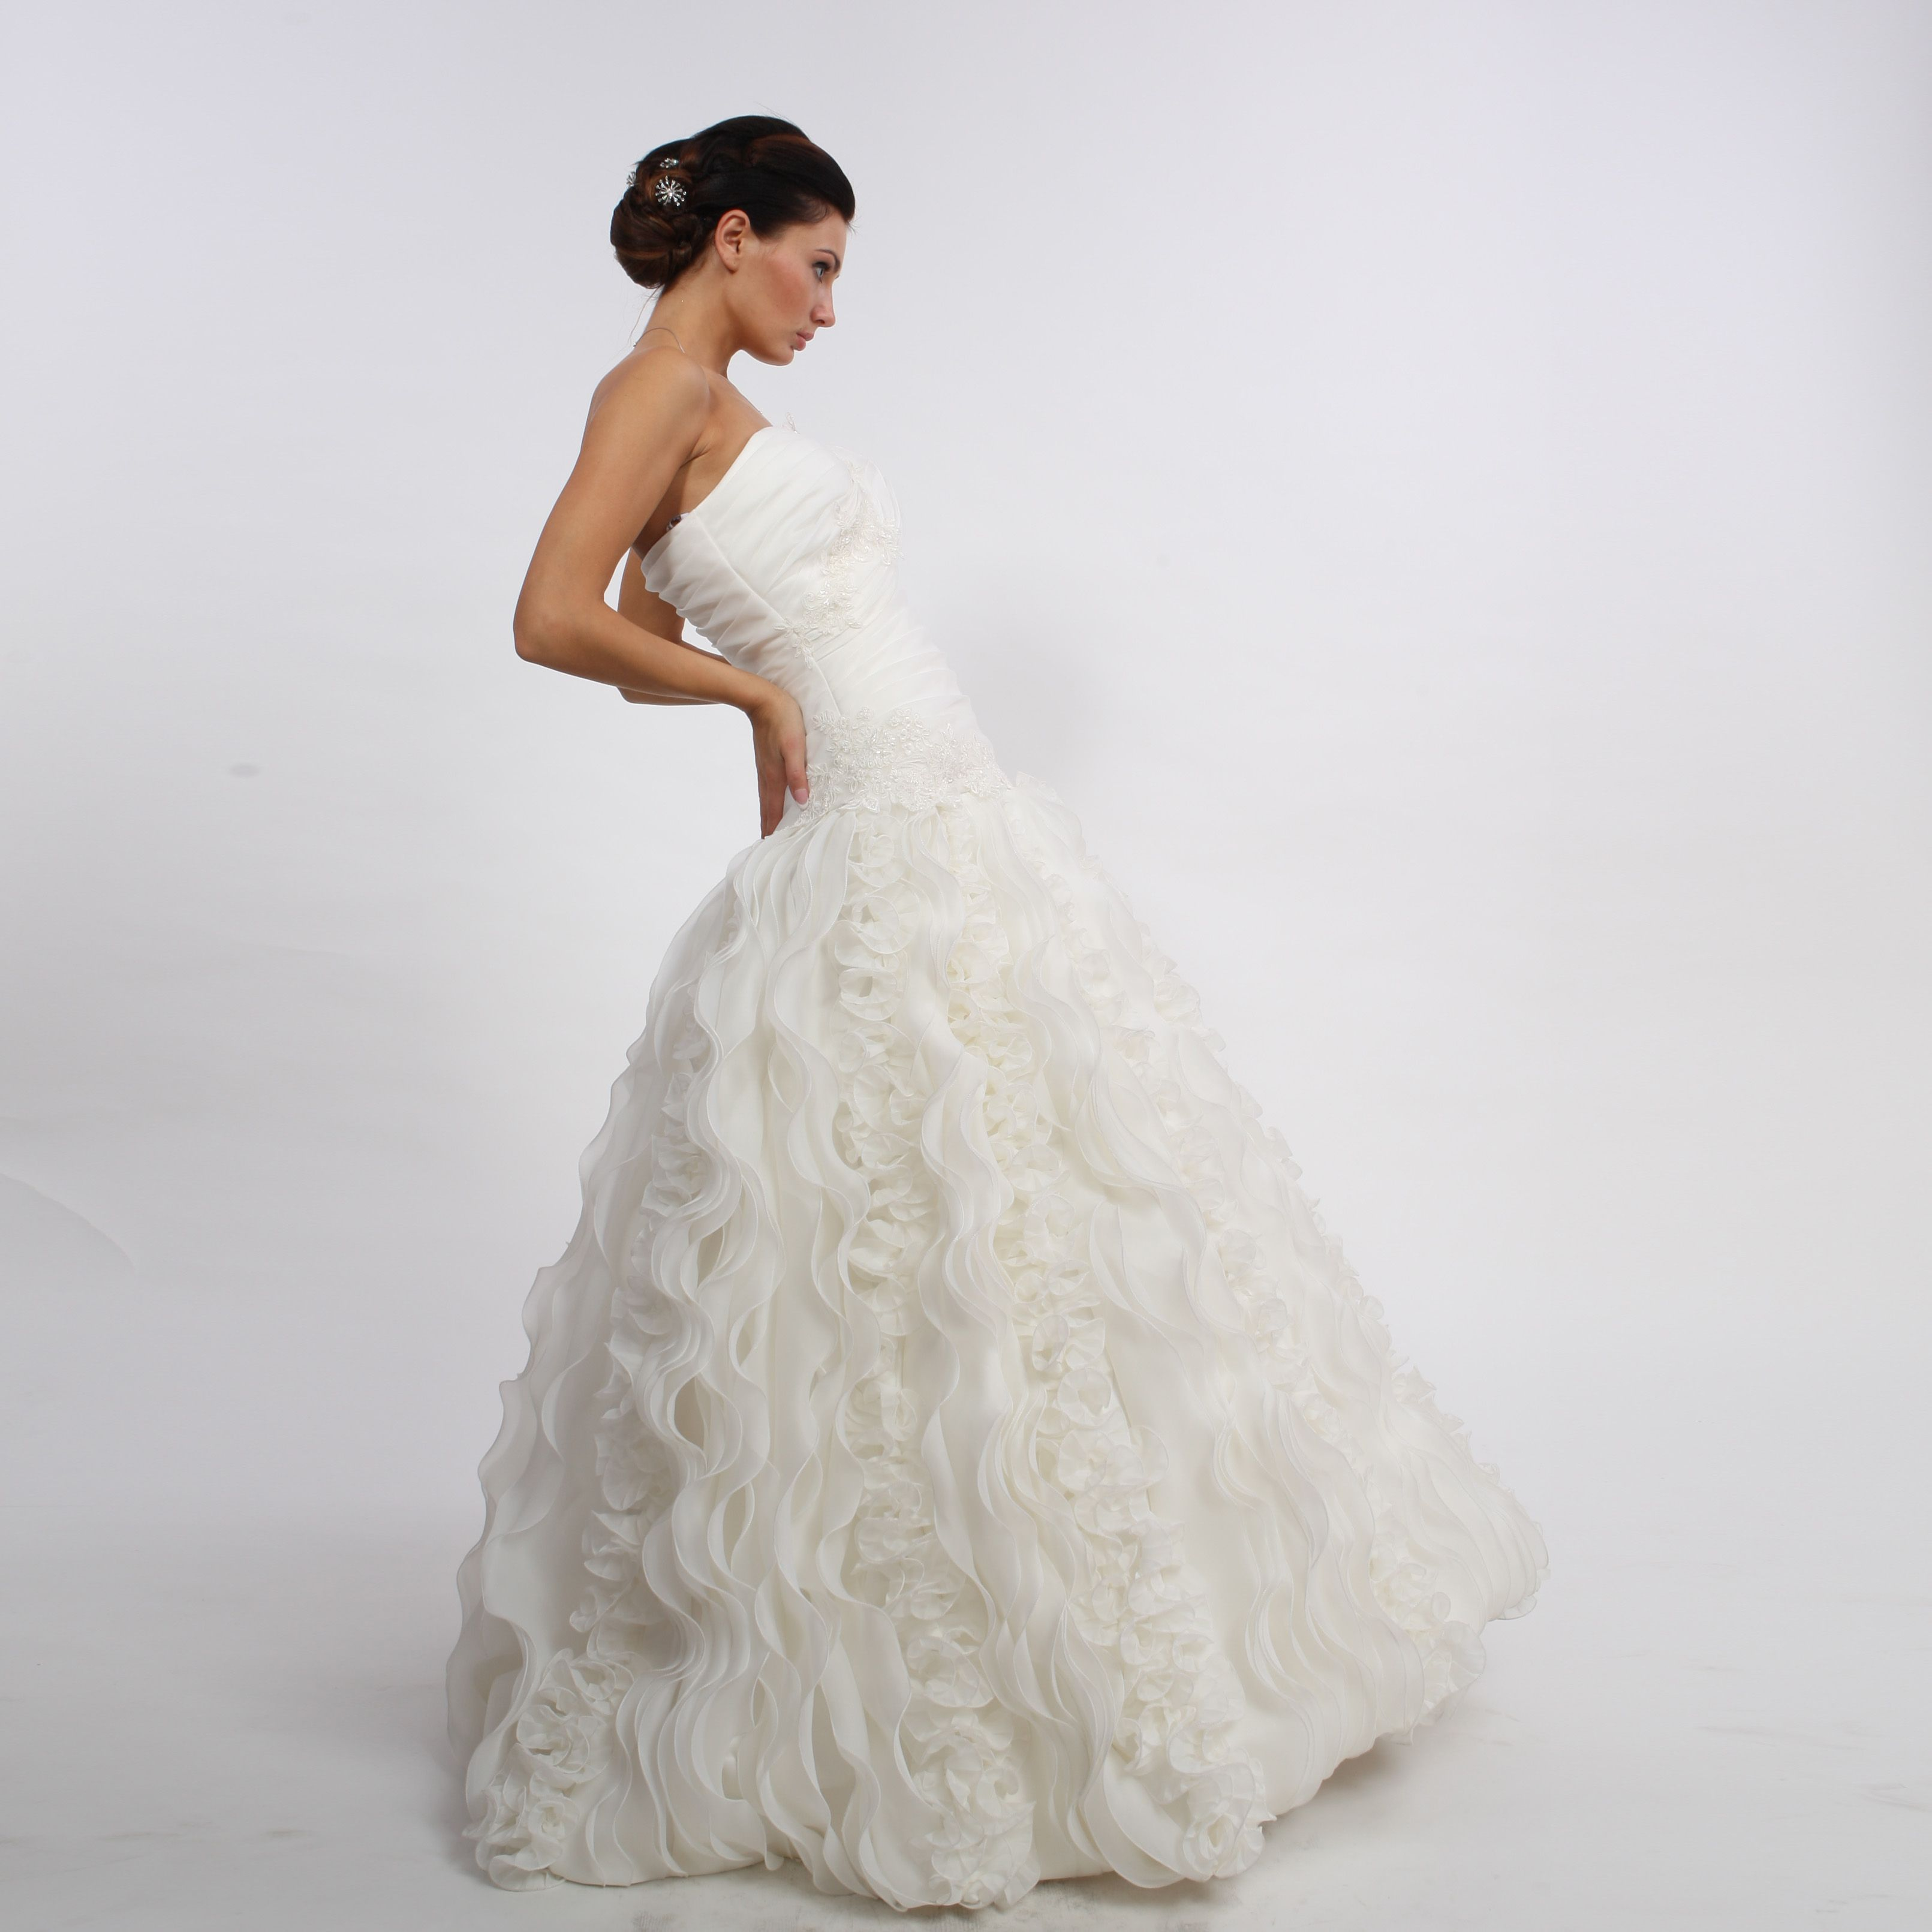 Brautkleid Lissy | Kleid | Pinterest | Brautkleid, Cinderella ...